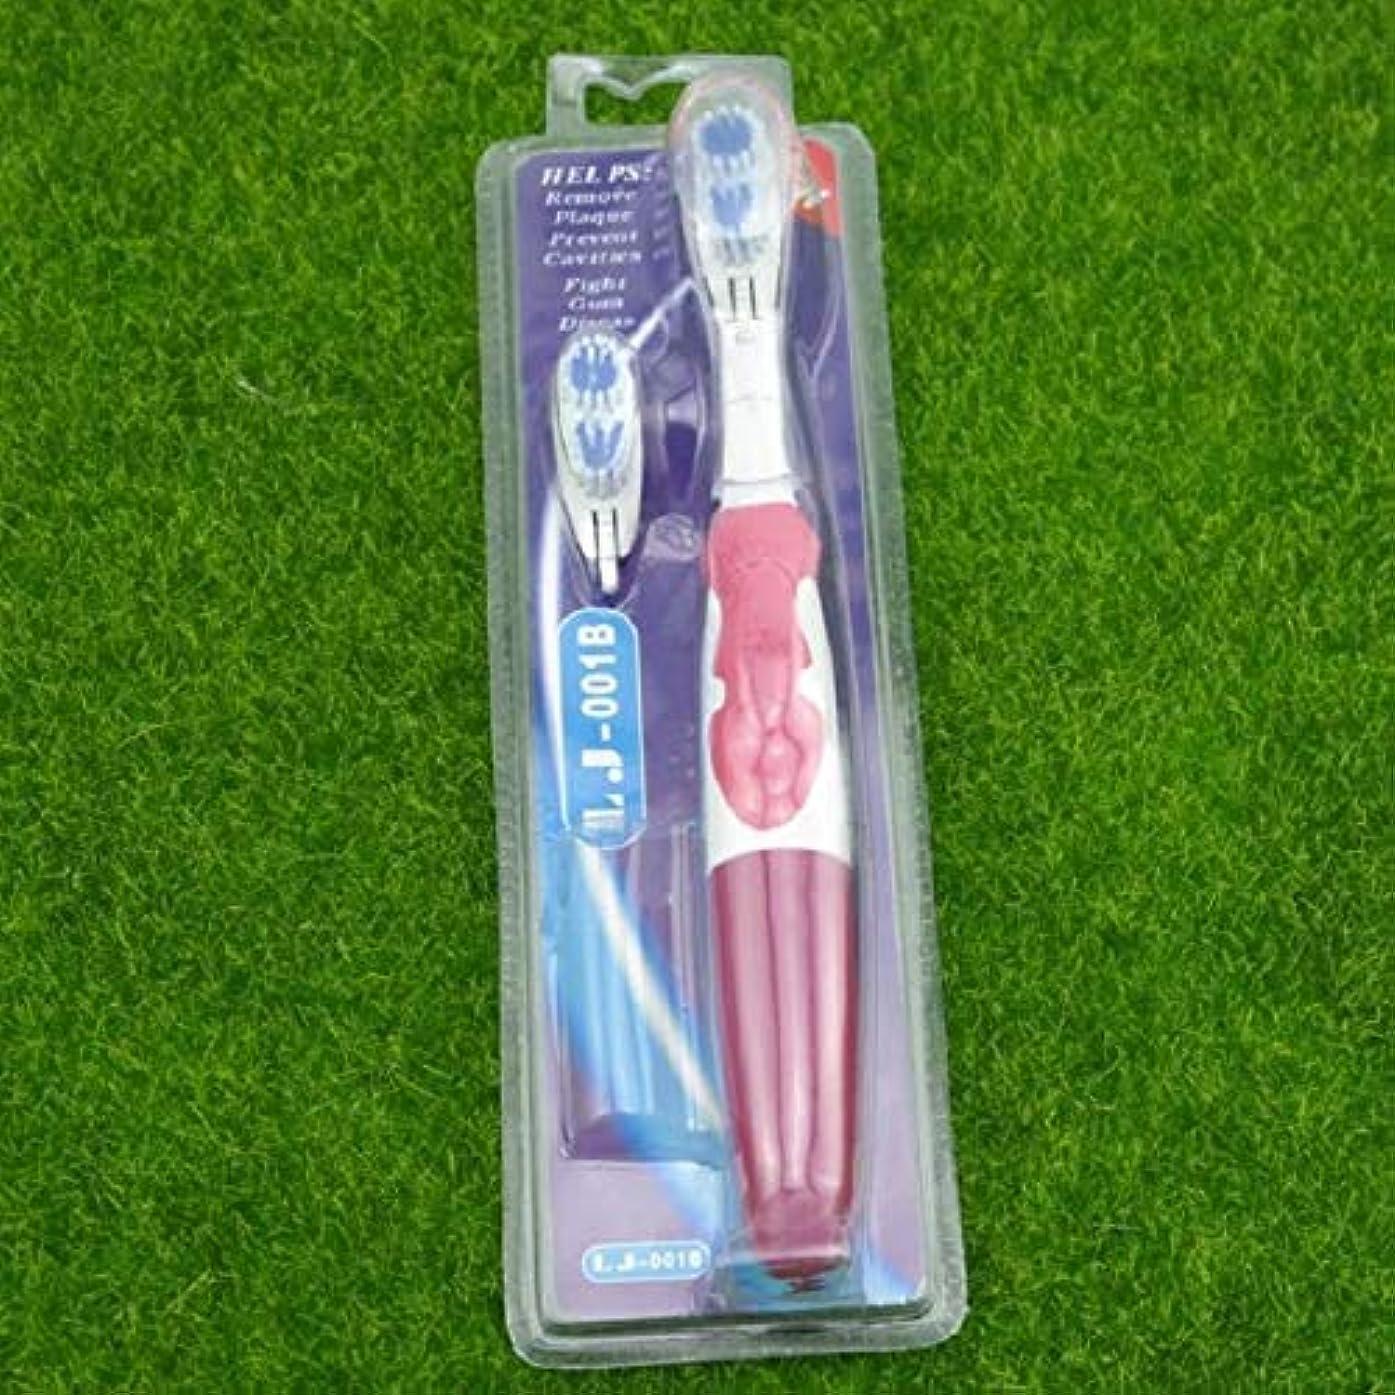 コンチネンタル仕様平凡プロフェッショナルケア電動歯ブラシ2ヘッド回転ブラシデンタルケア口腔衛生,C